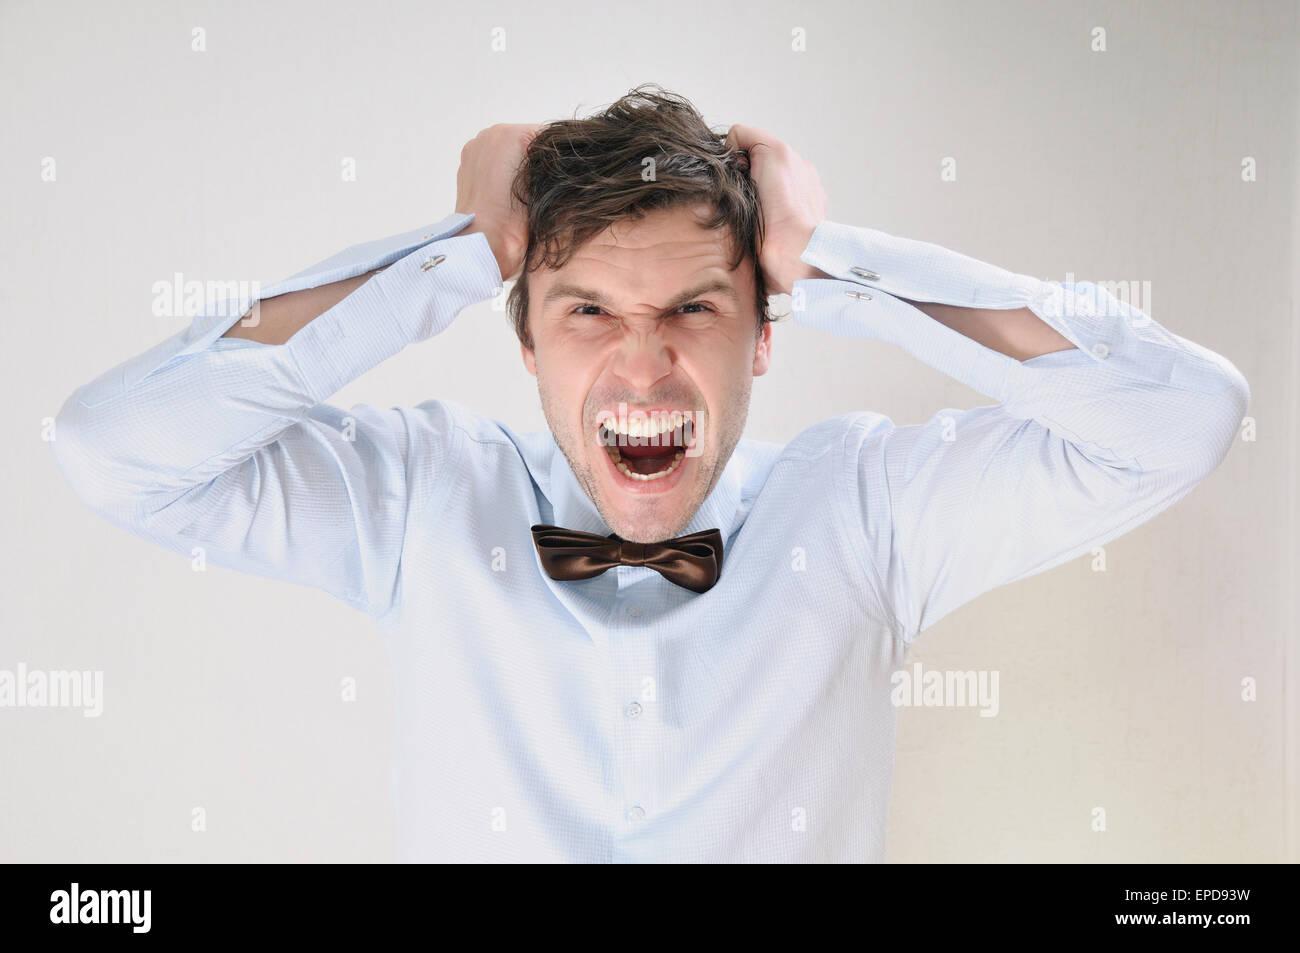 Retrato emocional de atractivo hombre gritando sobre fondo blanco, el concepto empresarial Imagen De Stock